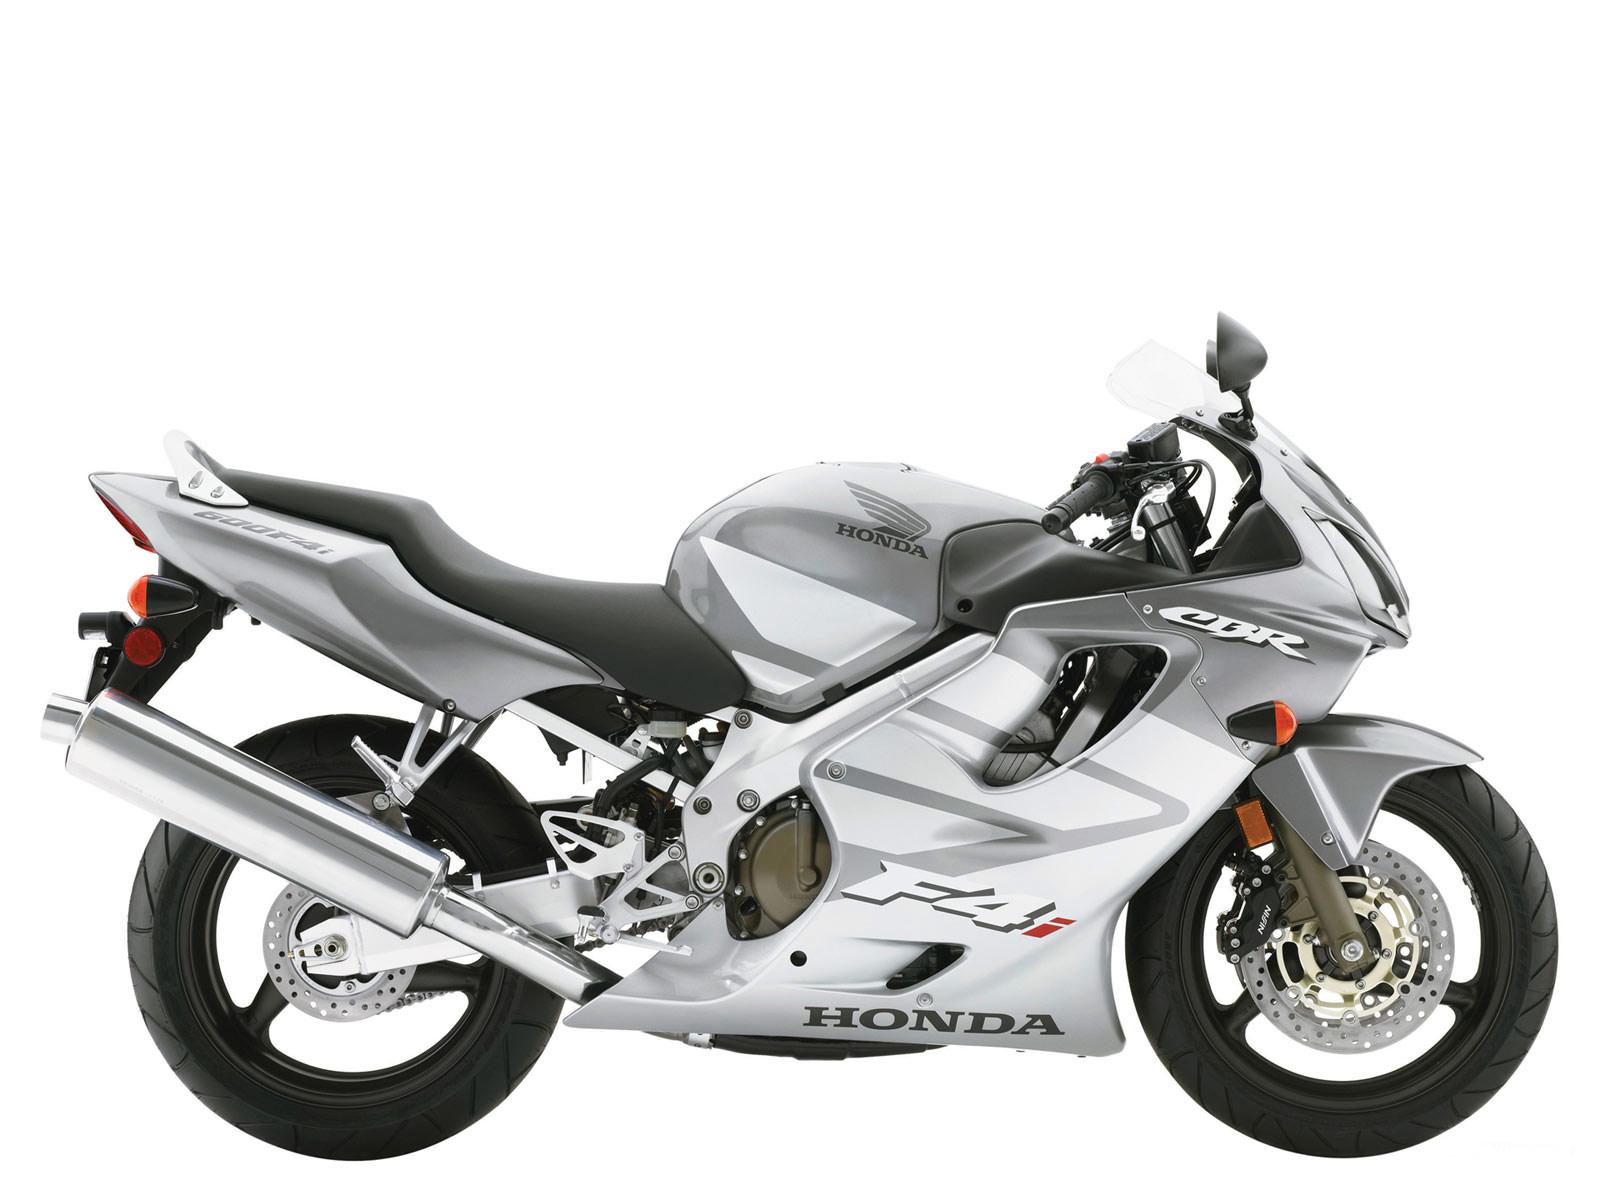 http://3.bp.blogspot.com/-BqDVhbtz6Fo/TWuN074WgSI/AAAAAAAAJJc/2-t90mQM9HA/s1600/2005_Honda_CBR600F4i_1.jpg